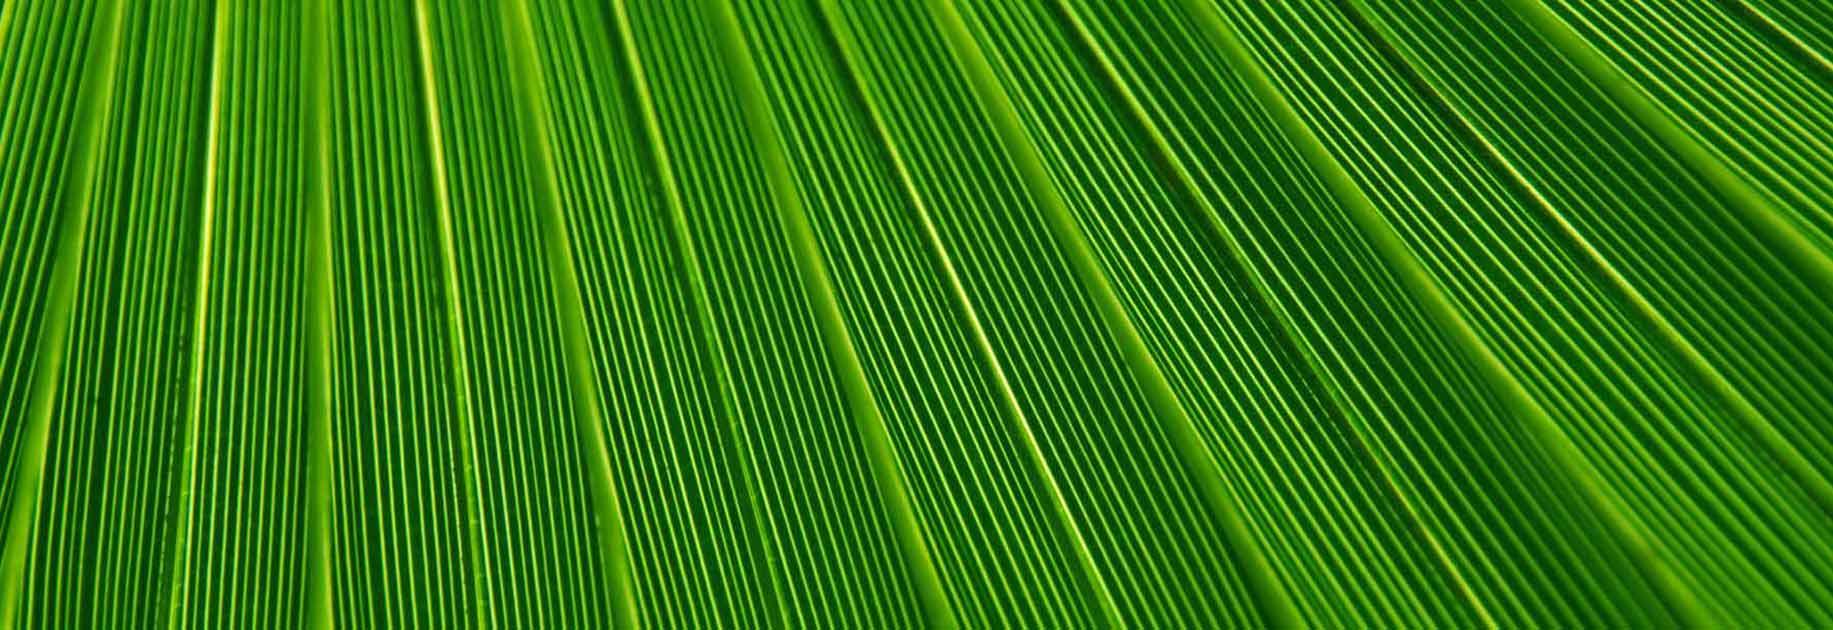 green colour 1 - ویژگی های رنگ در طراحی داخلی و اثرات روانی و فیزیولوژیکی آنها